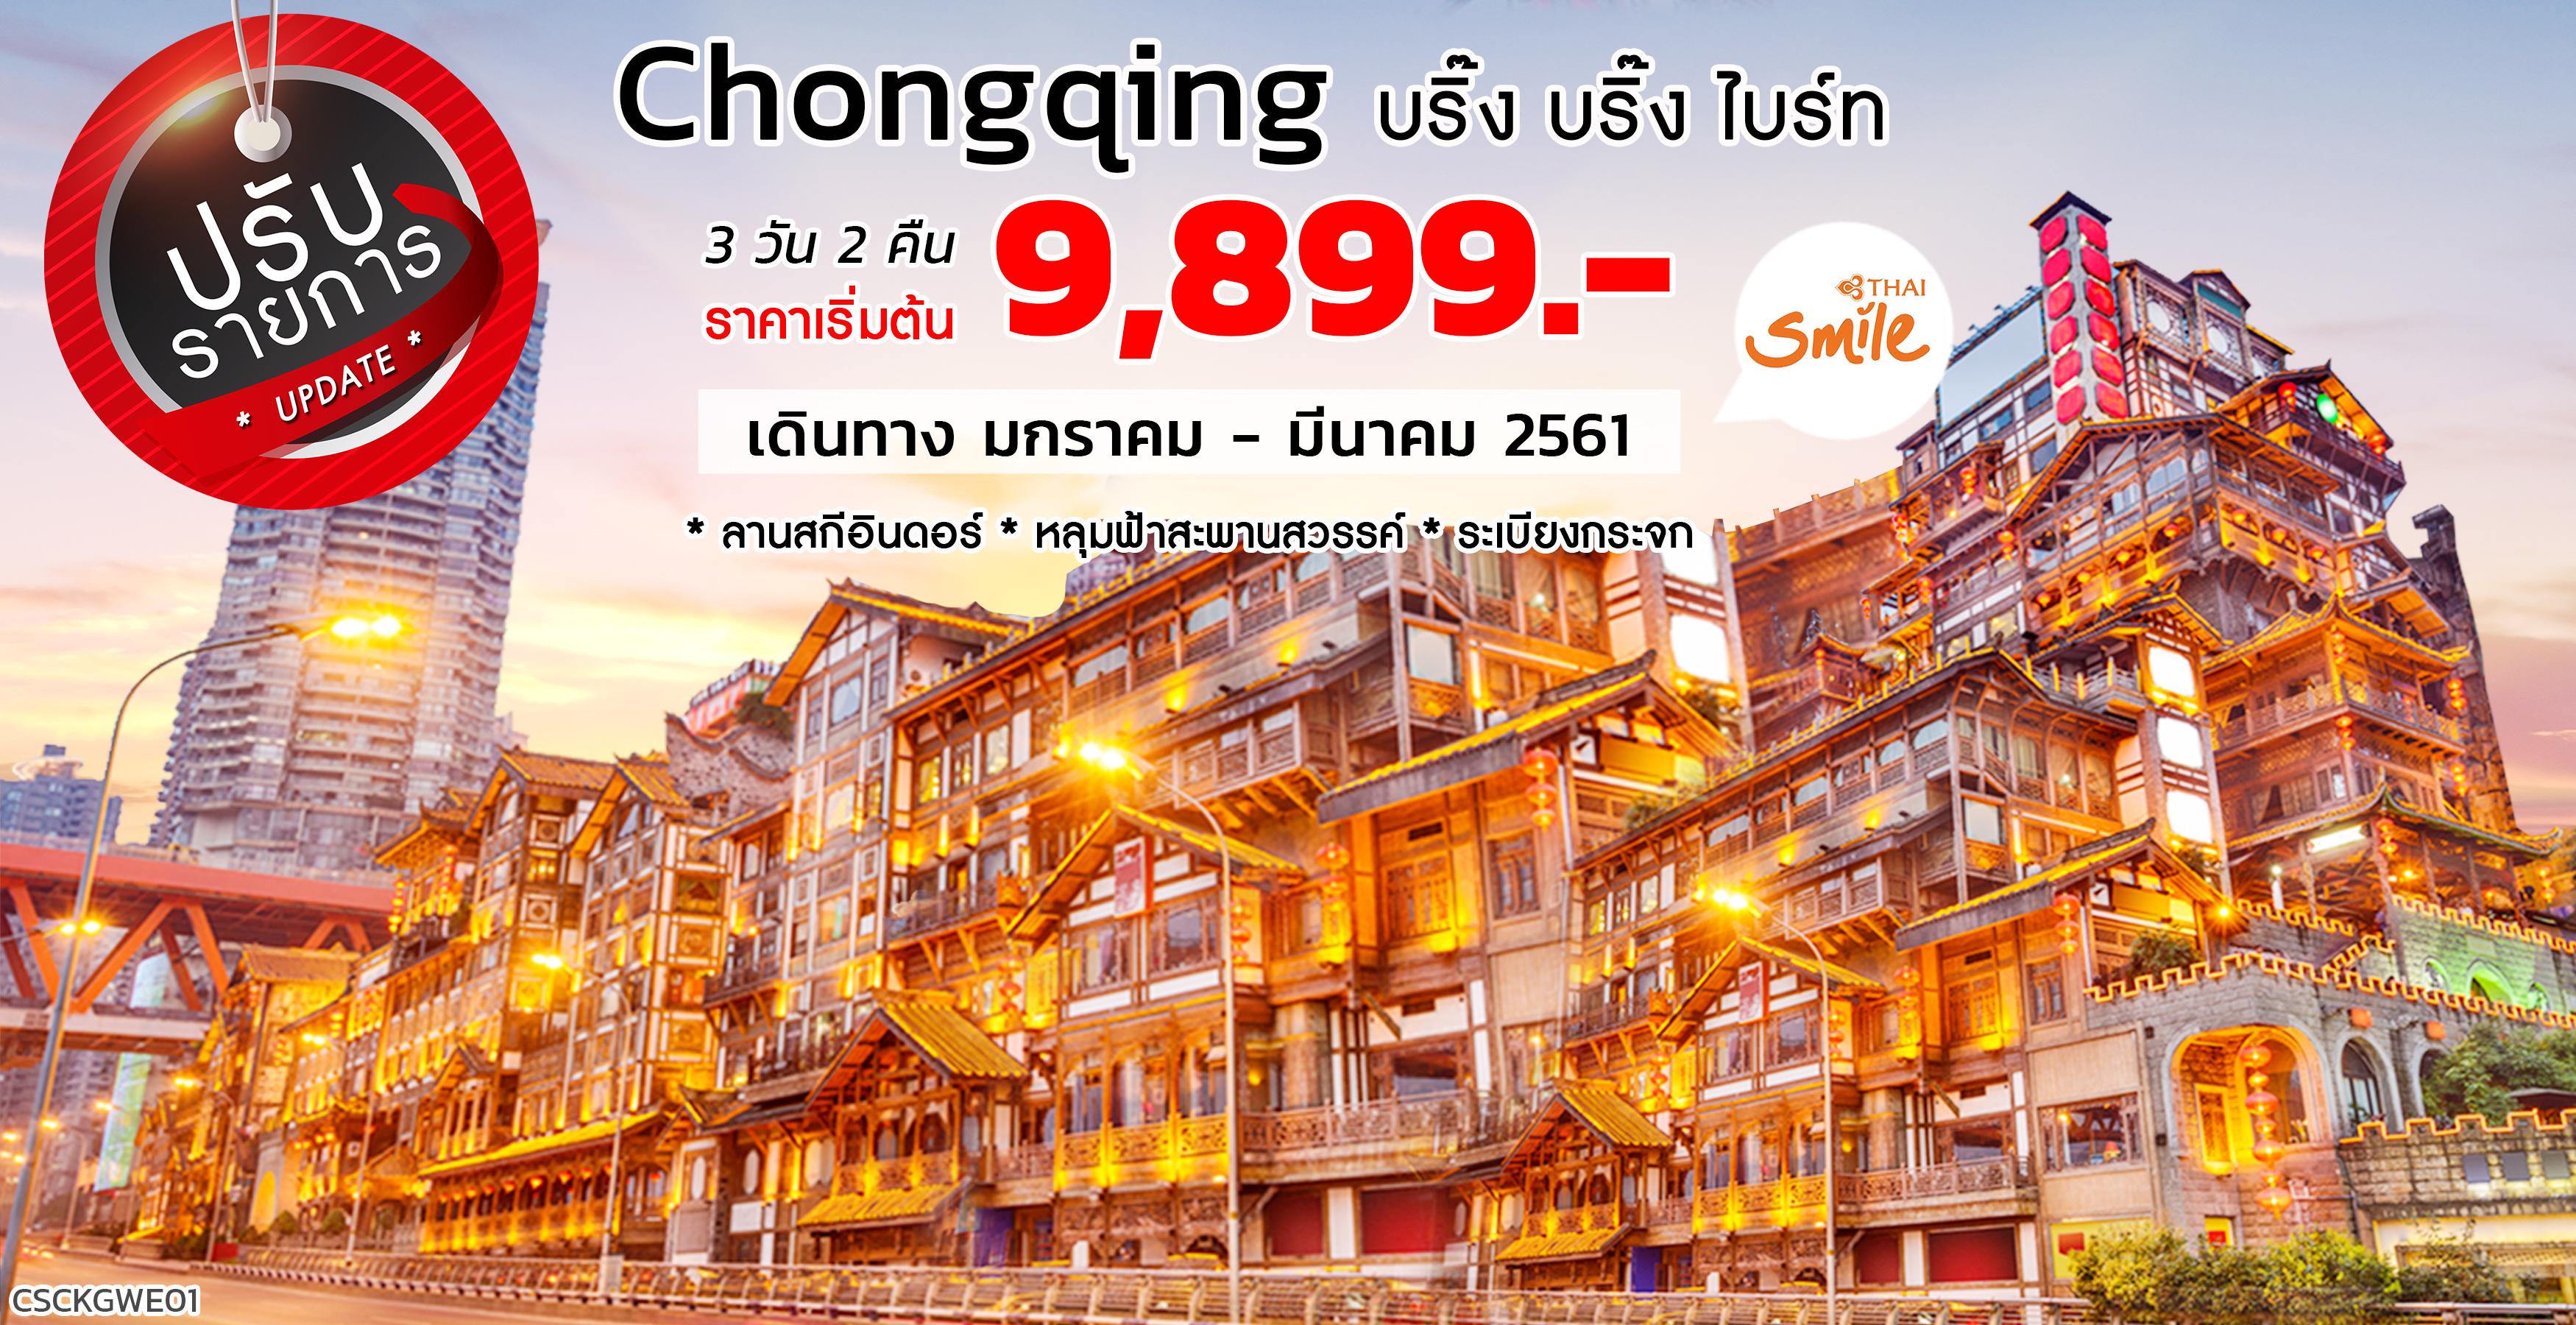 Chongqing บริ๊ง บริ๊ง ไบร์ท 3 วัน 2 คืน